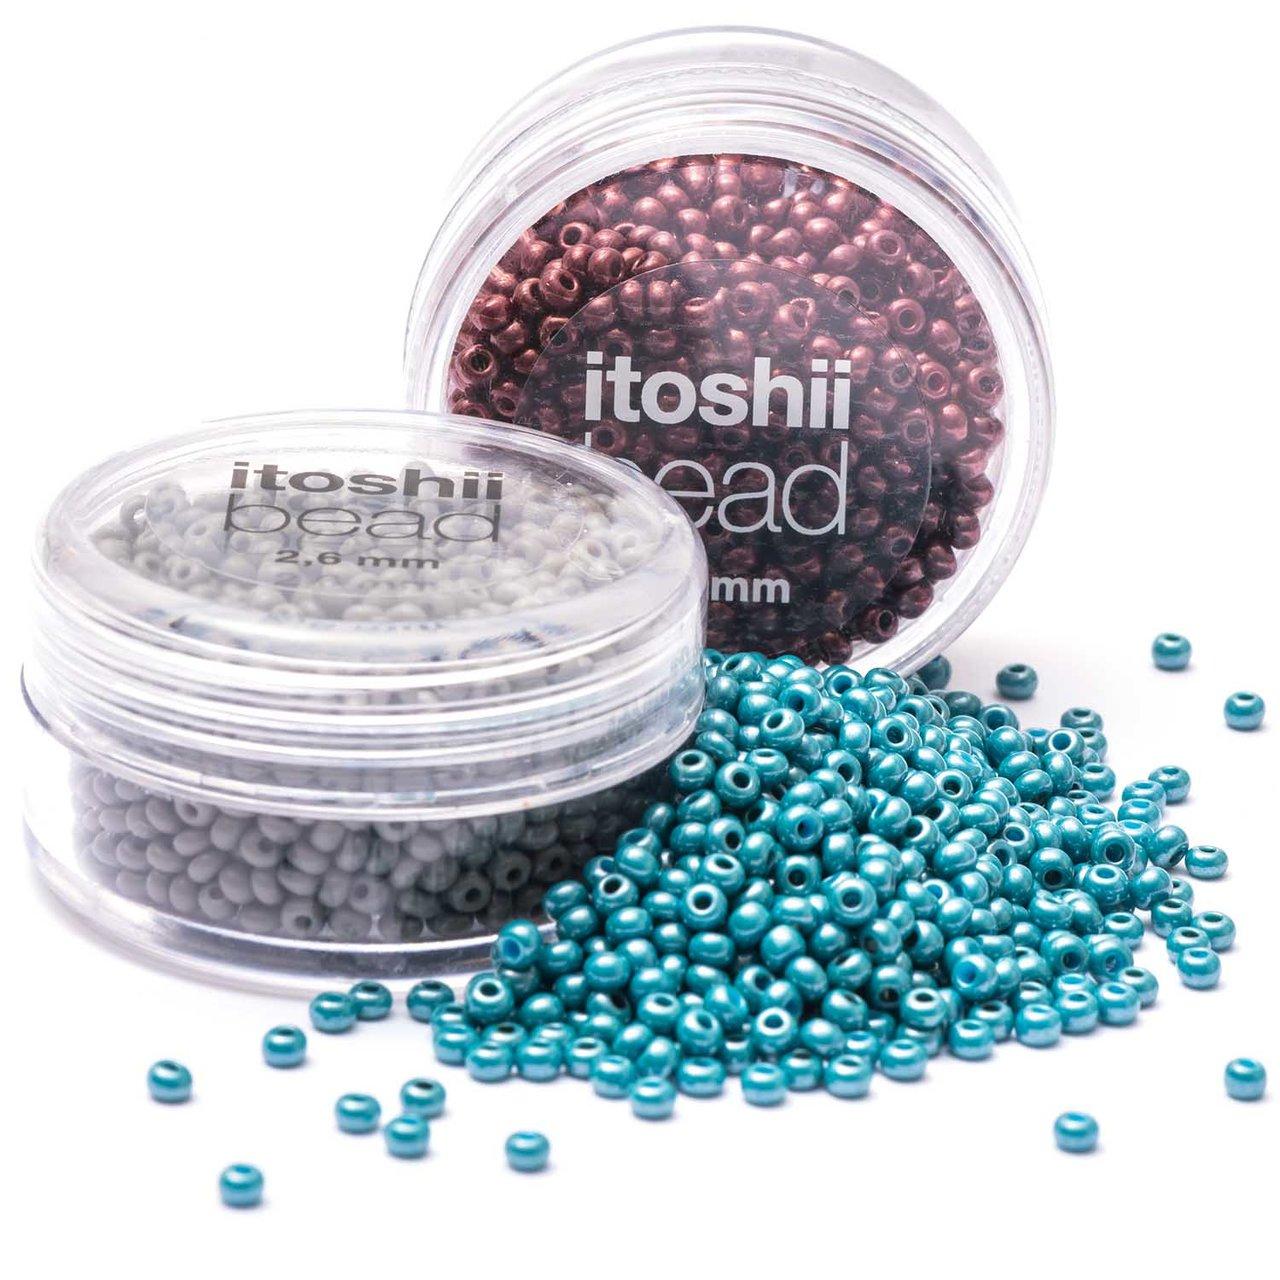 Rico Design itoshii beads 2,6mm 17g